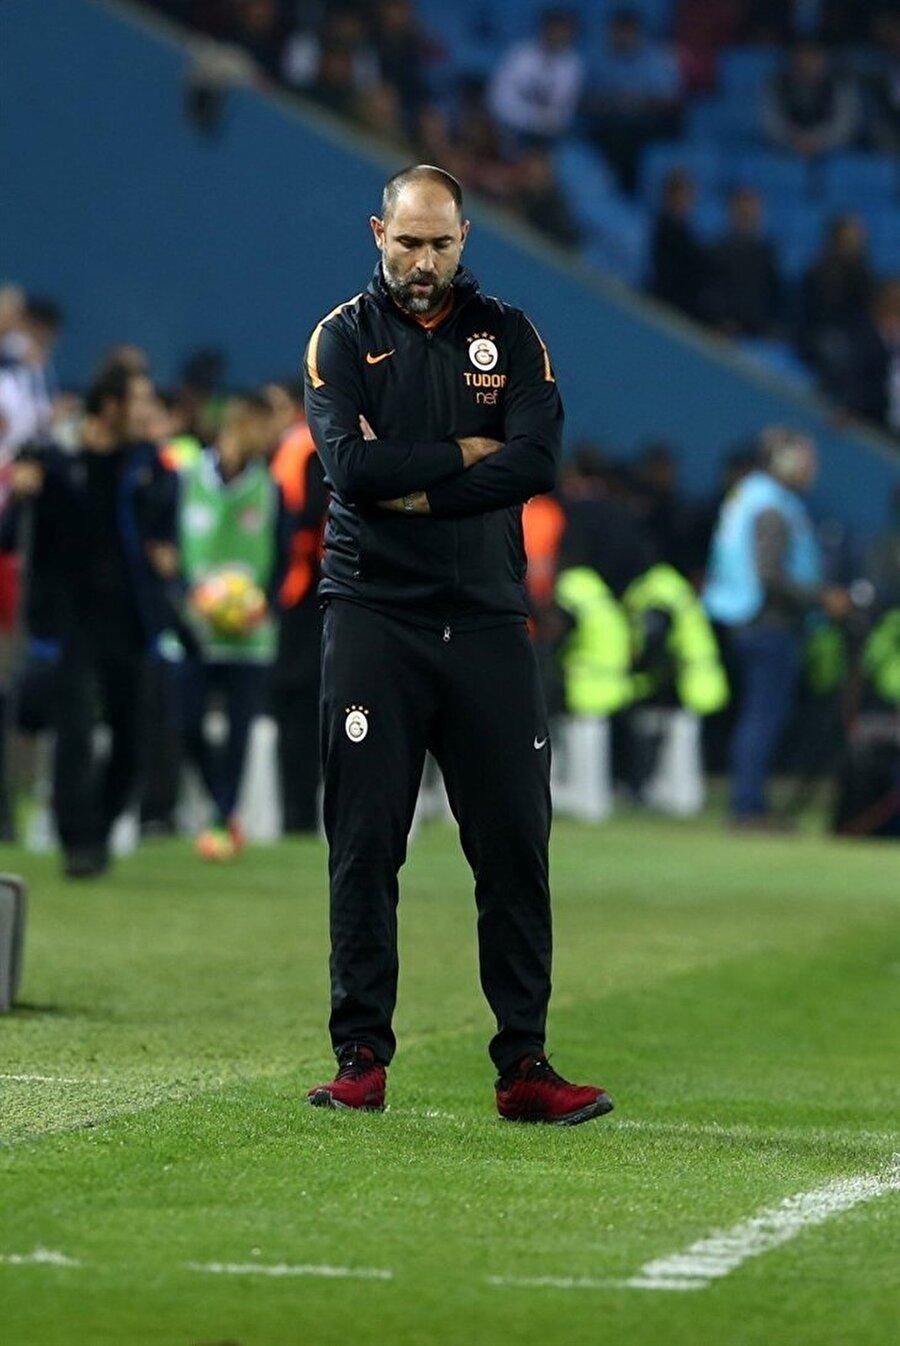 Igor Tudor'un sözlerinin ardından futbolcular adeta buz tuttu.